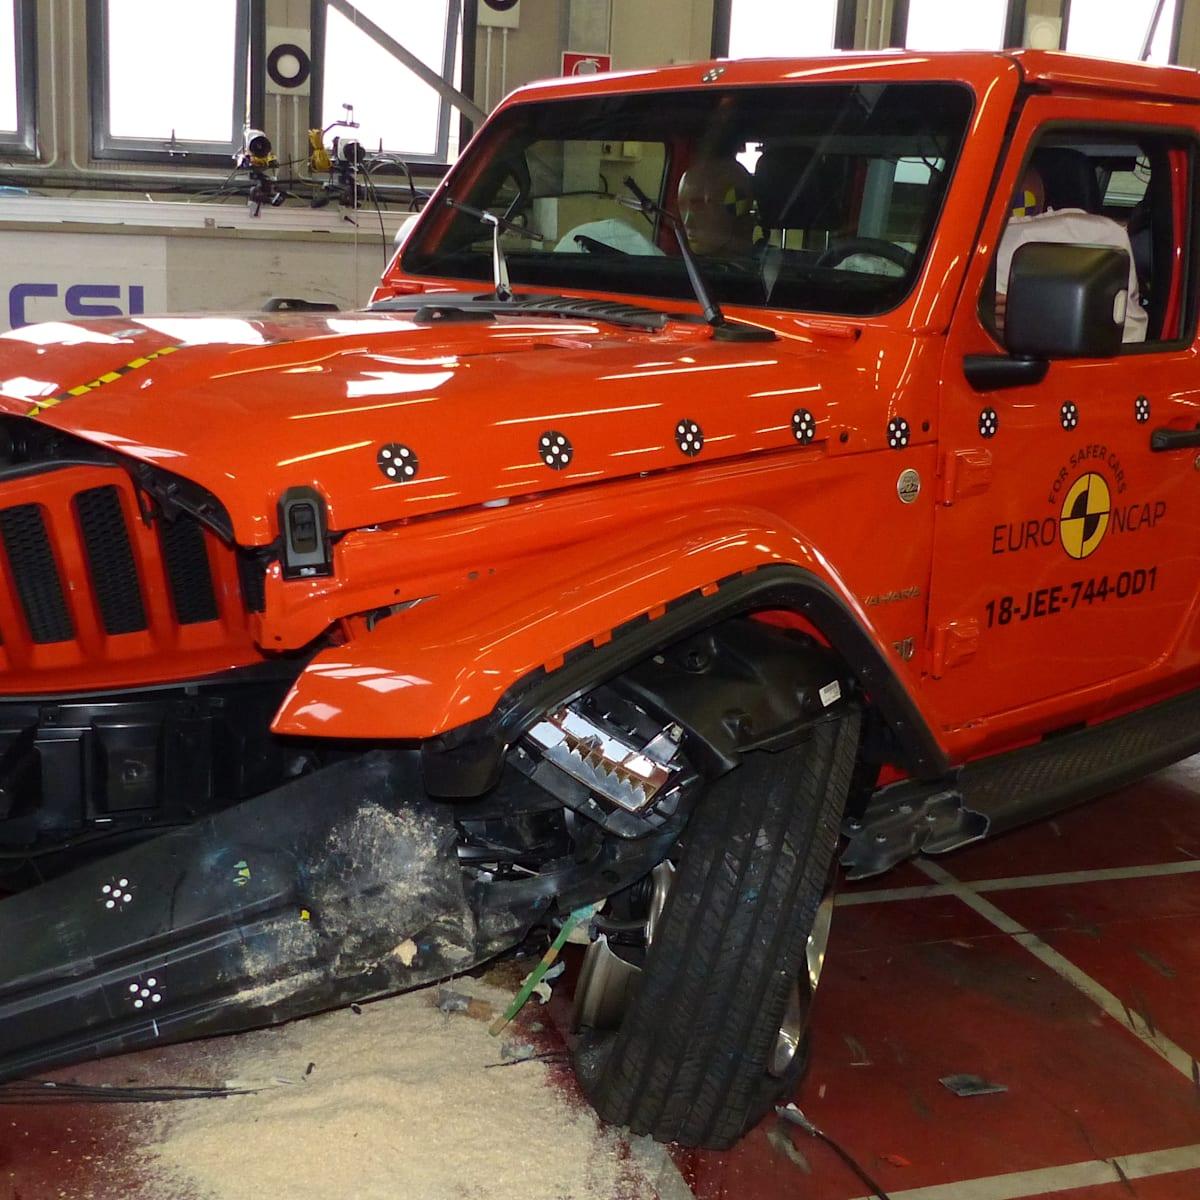 hight resolution of 2019 jeep wrangler handed devastating 1 star euro ncap result